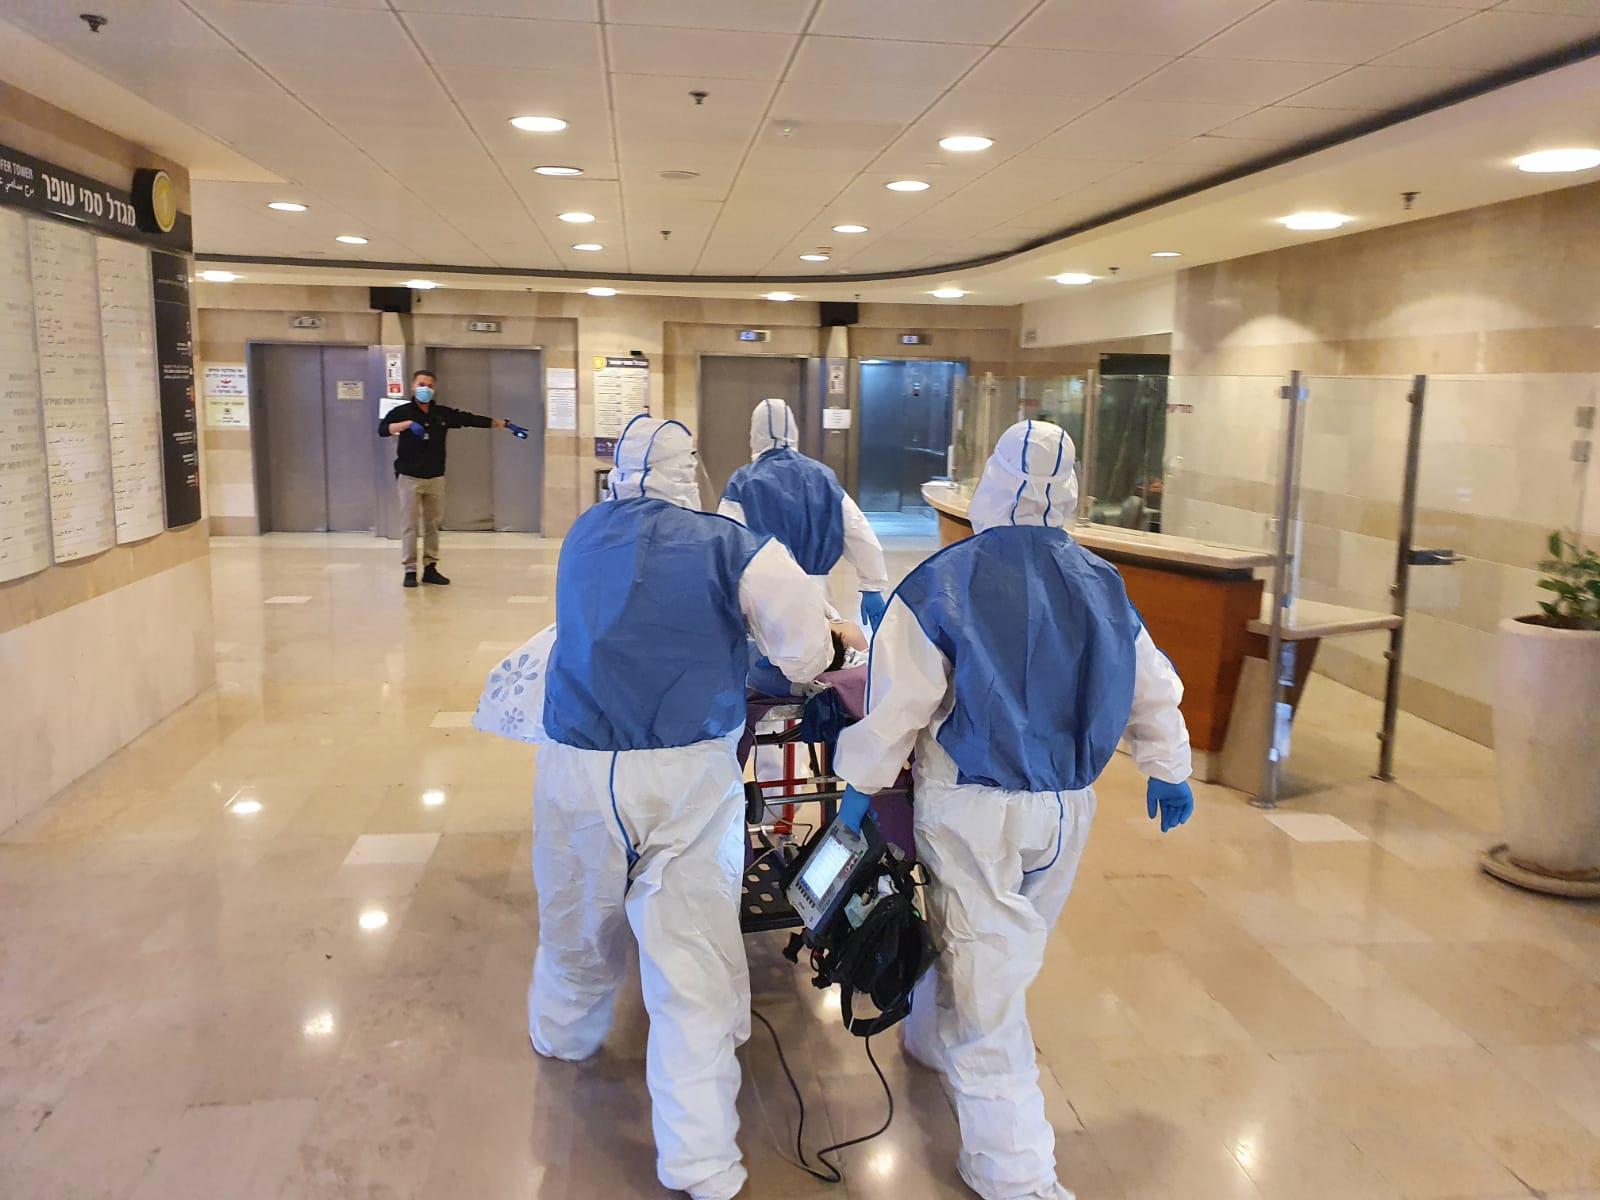 """הגעתו של חולה הקורונה הפצוע לקריה הרפואית רמב""""ם (צילום: ביטחון הקריה הרפואית רמב""""ם)"""